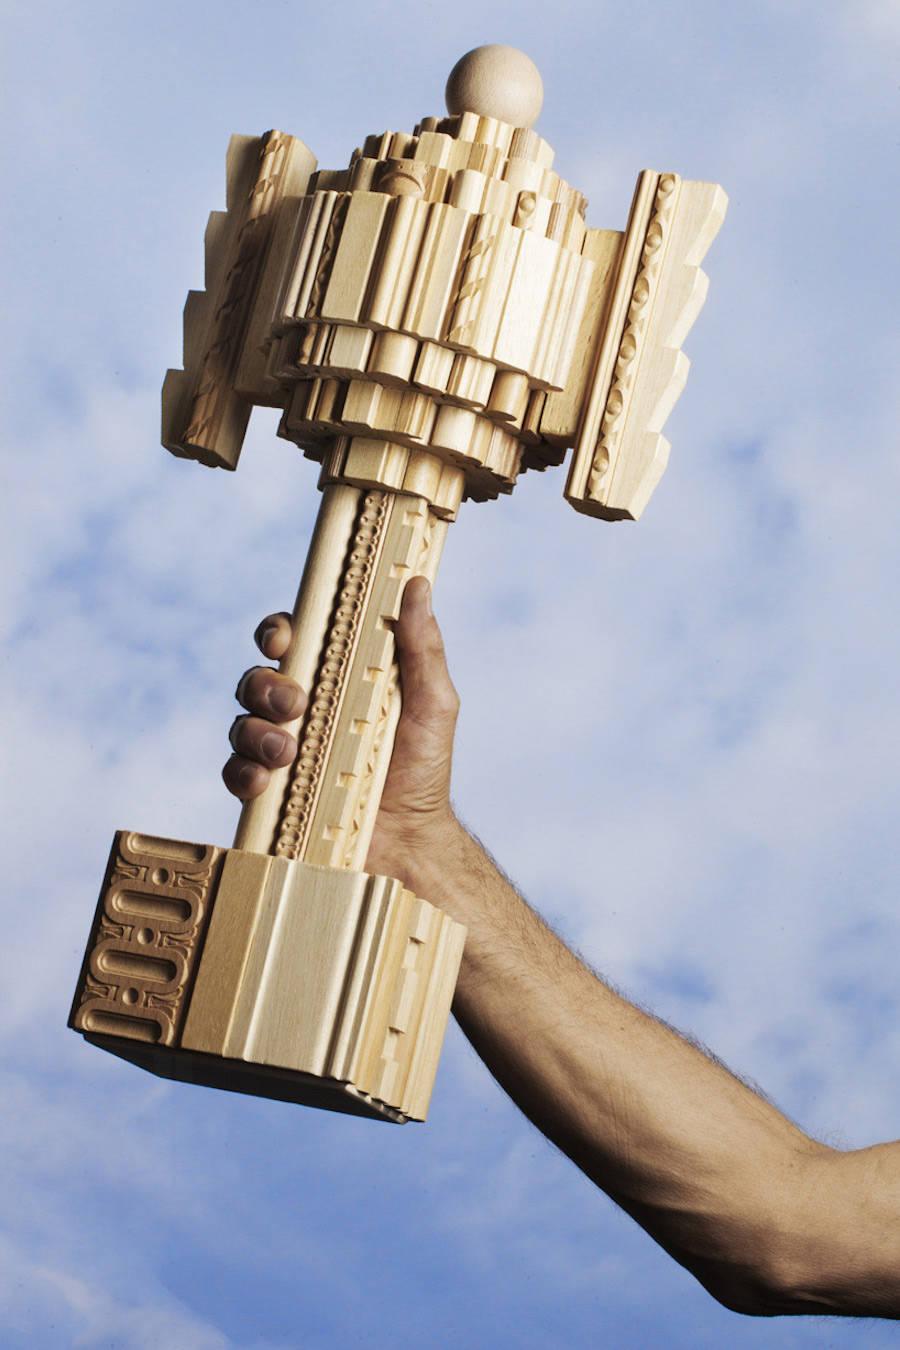 69th Trophy Coppa Agostoni